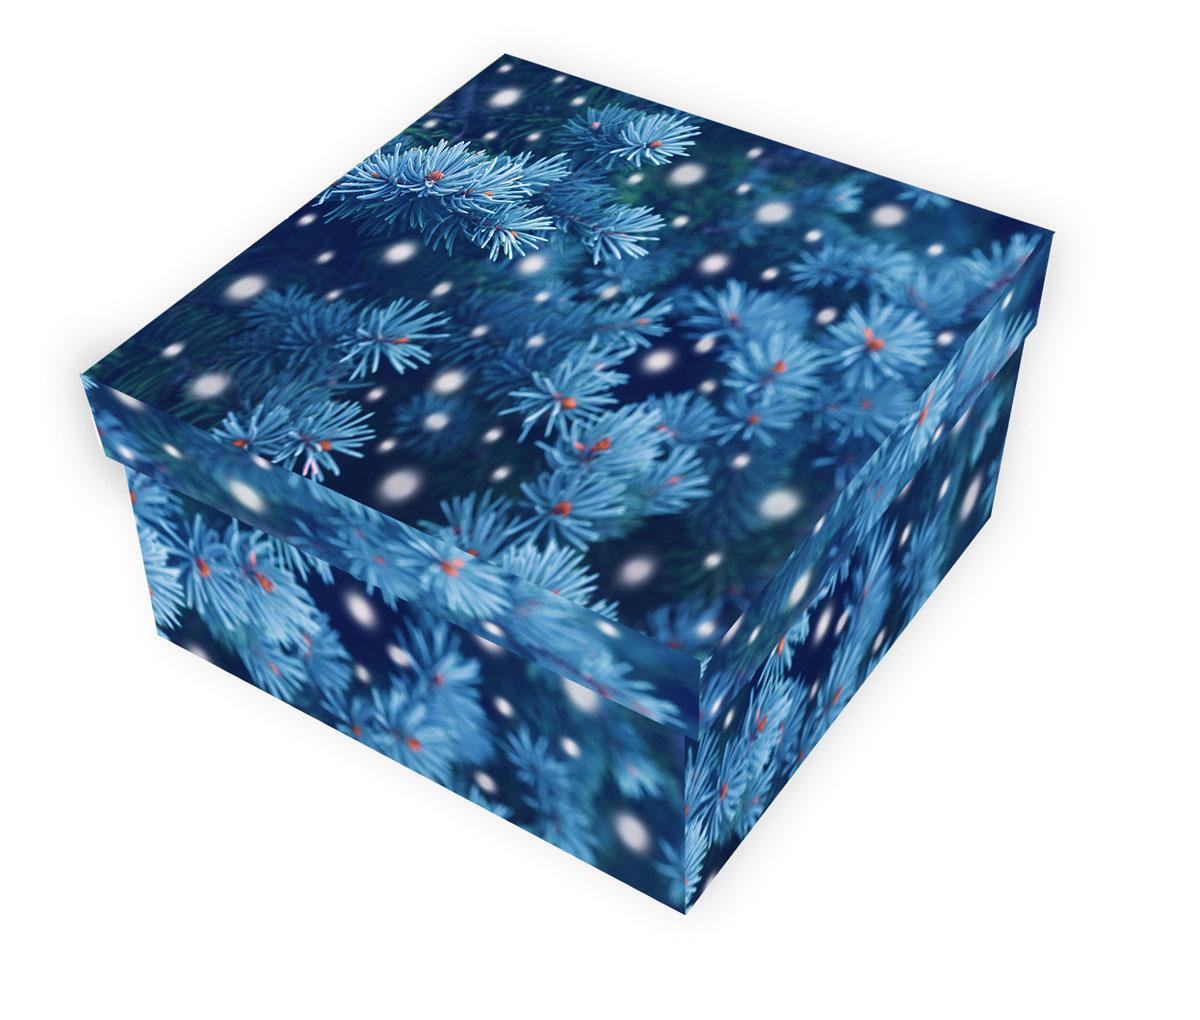 Коробка подарочная Proffi Home Снежная ель, 10 х 19 х 19 см7714024_BK038 персиковыйБольшие картонные коробкиProffi Home Снежная ель идеально подходят для упаковки объемных подарков.Коробка изготовлена из плотного цветного картона.